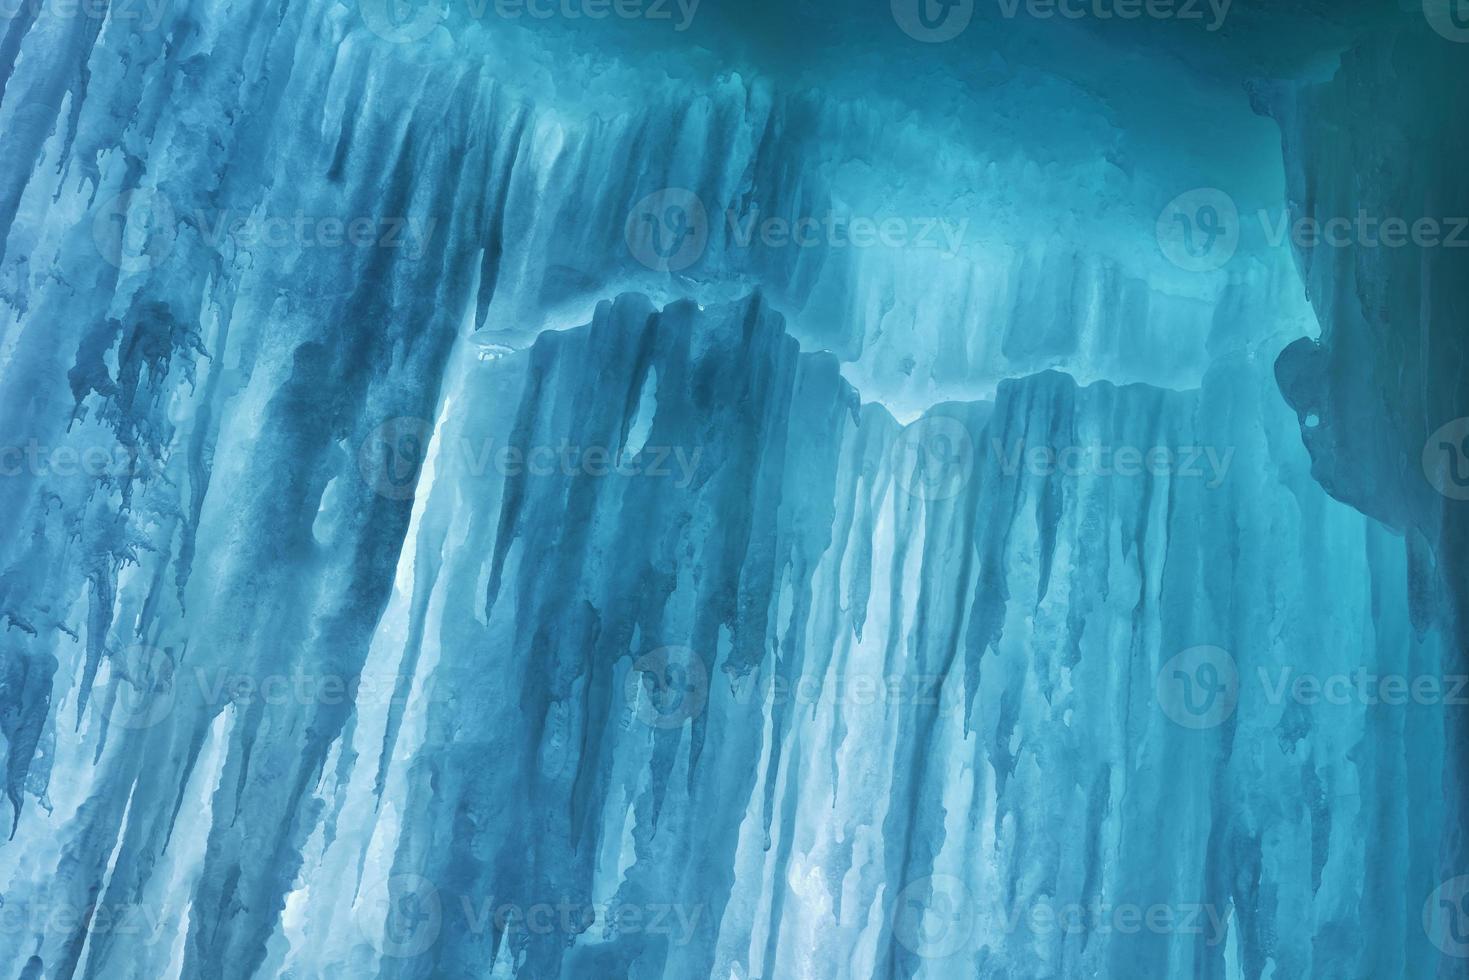 Cueva de hielo de Grand Island foto